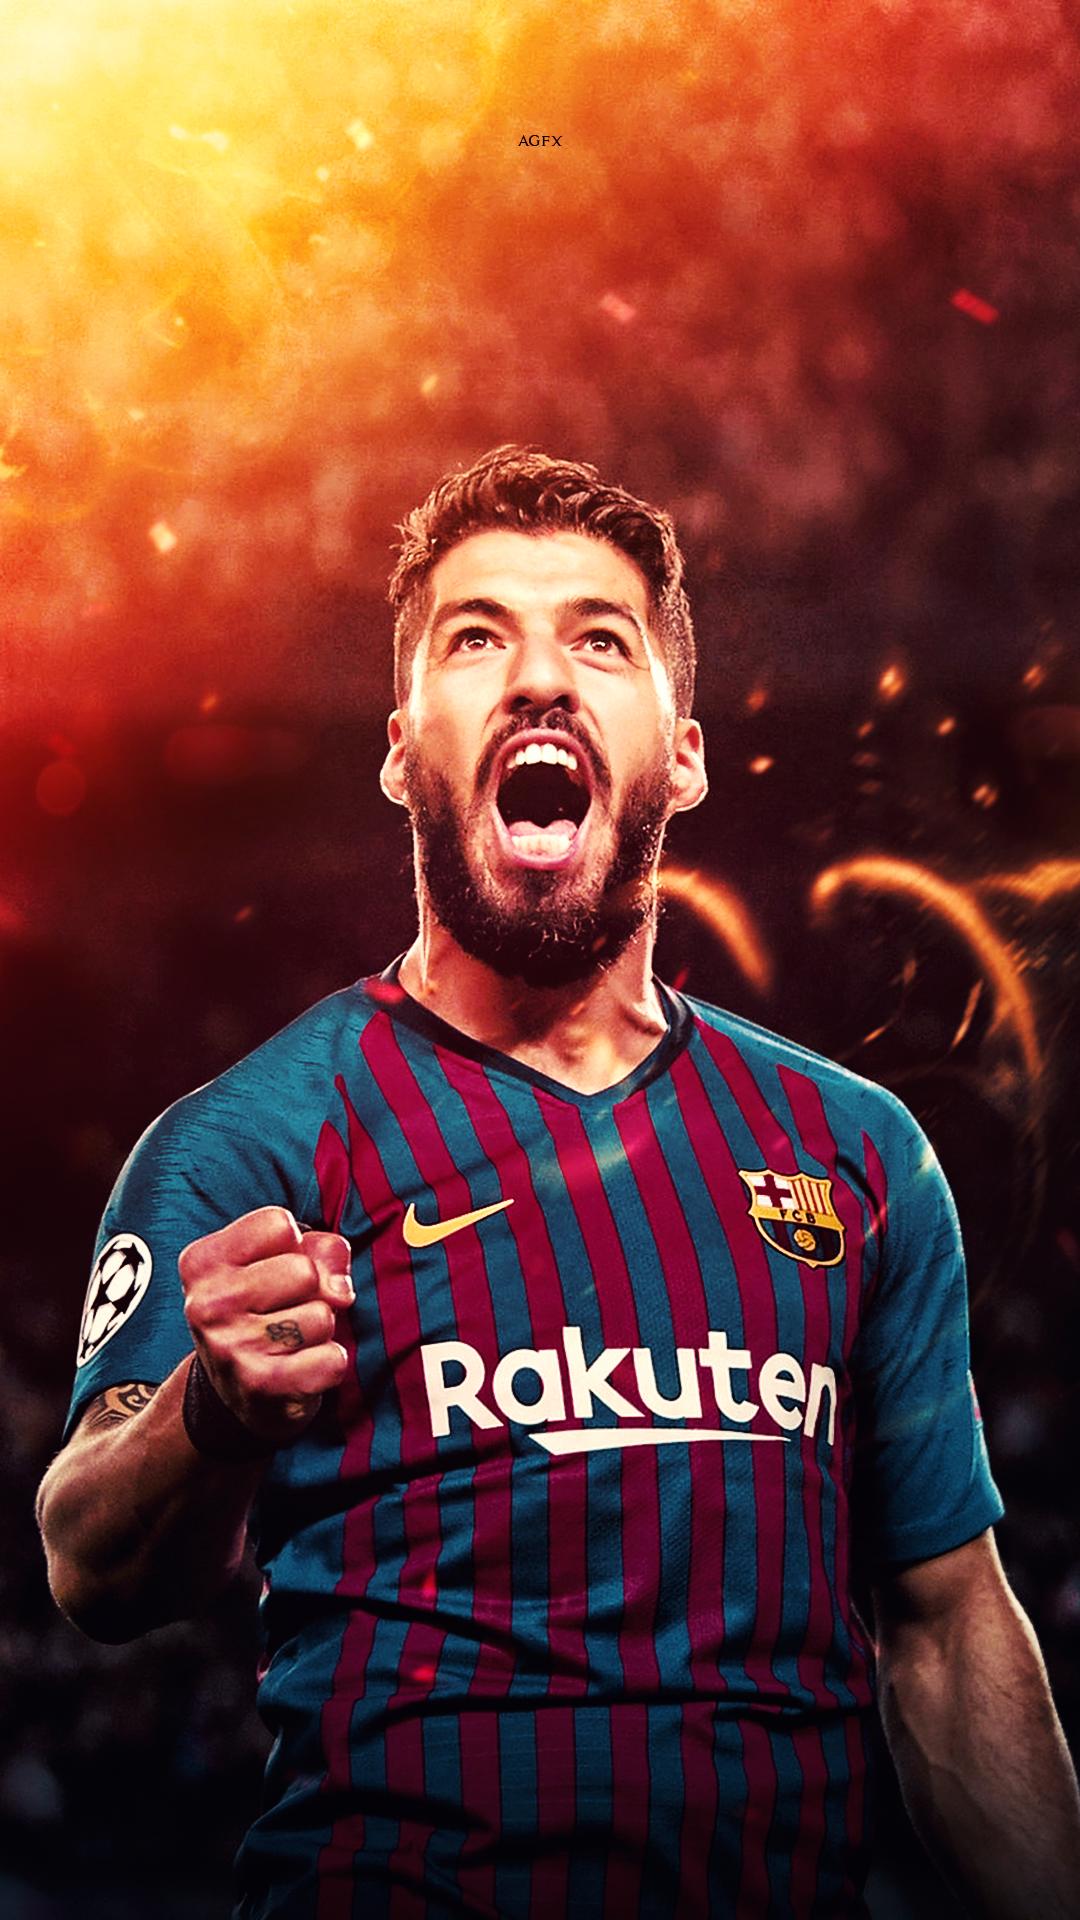 Luis Suarez Barcelona Barcelona Championsleague Ucl Barca Suarez Dueo Design Photoshop Edit Footba Barcelona Football Luis Suarez Barcelona Soccer